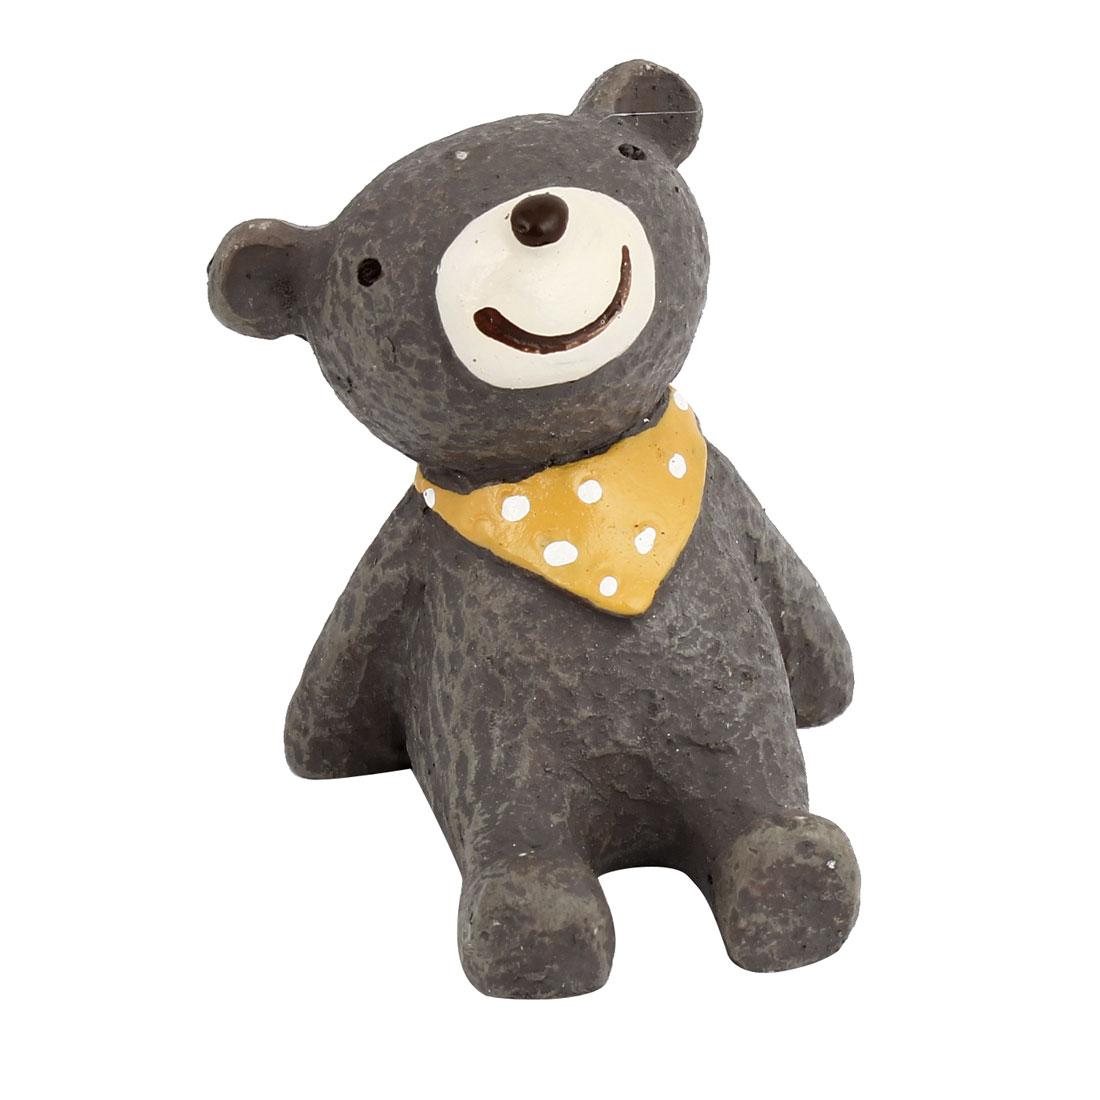 Tabletop Adorn Handmade Craft Bear Ornament Gray